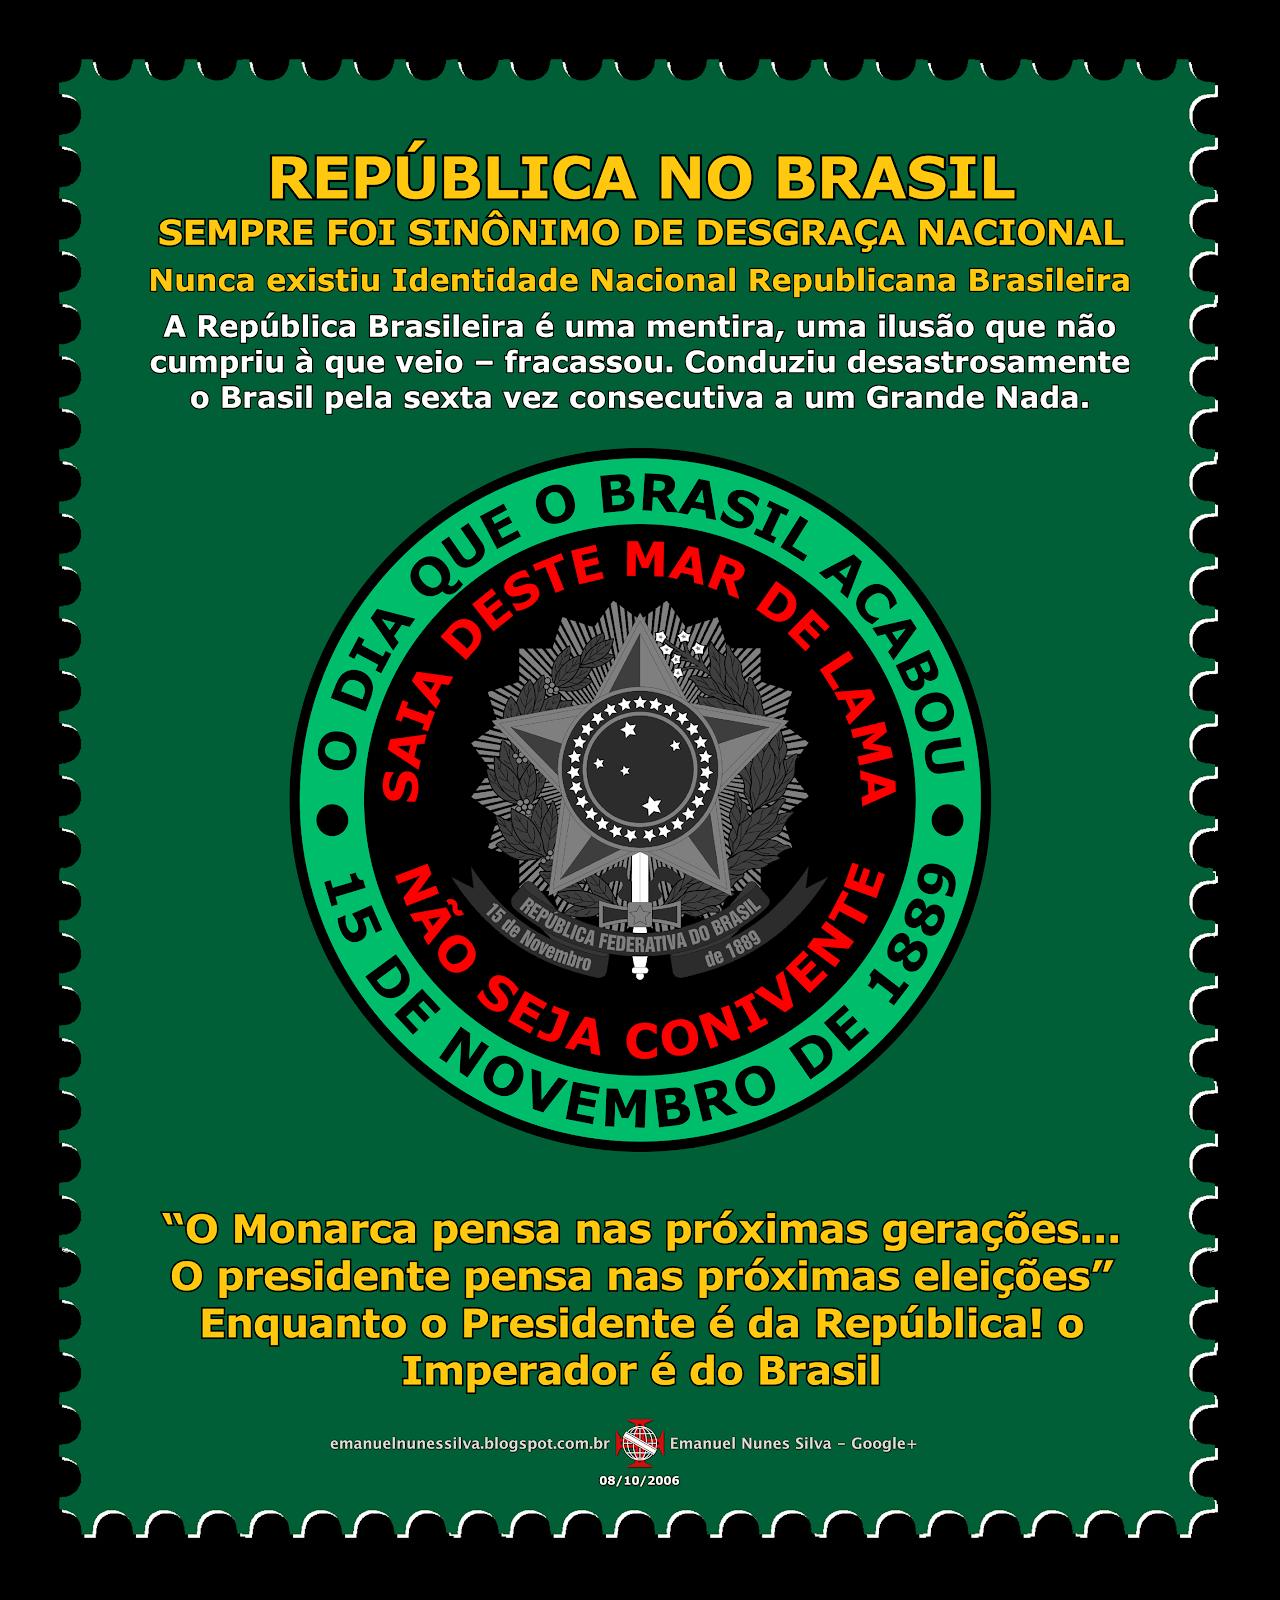 50 Motivos para não se apoiar a Forma Republicana de Governo no Brasil